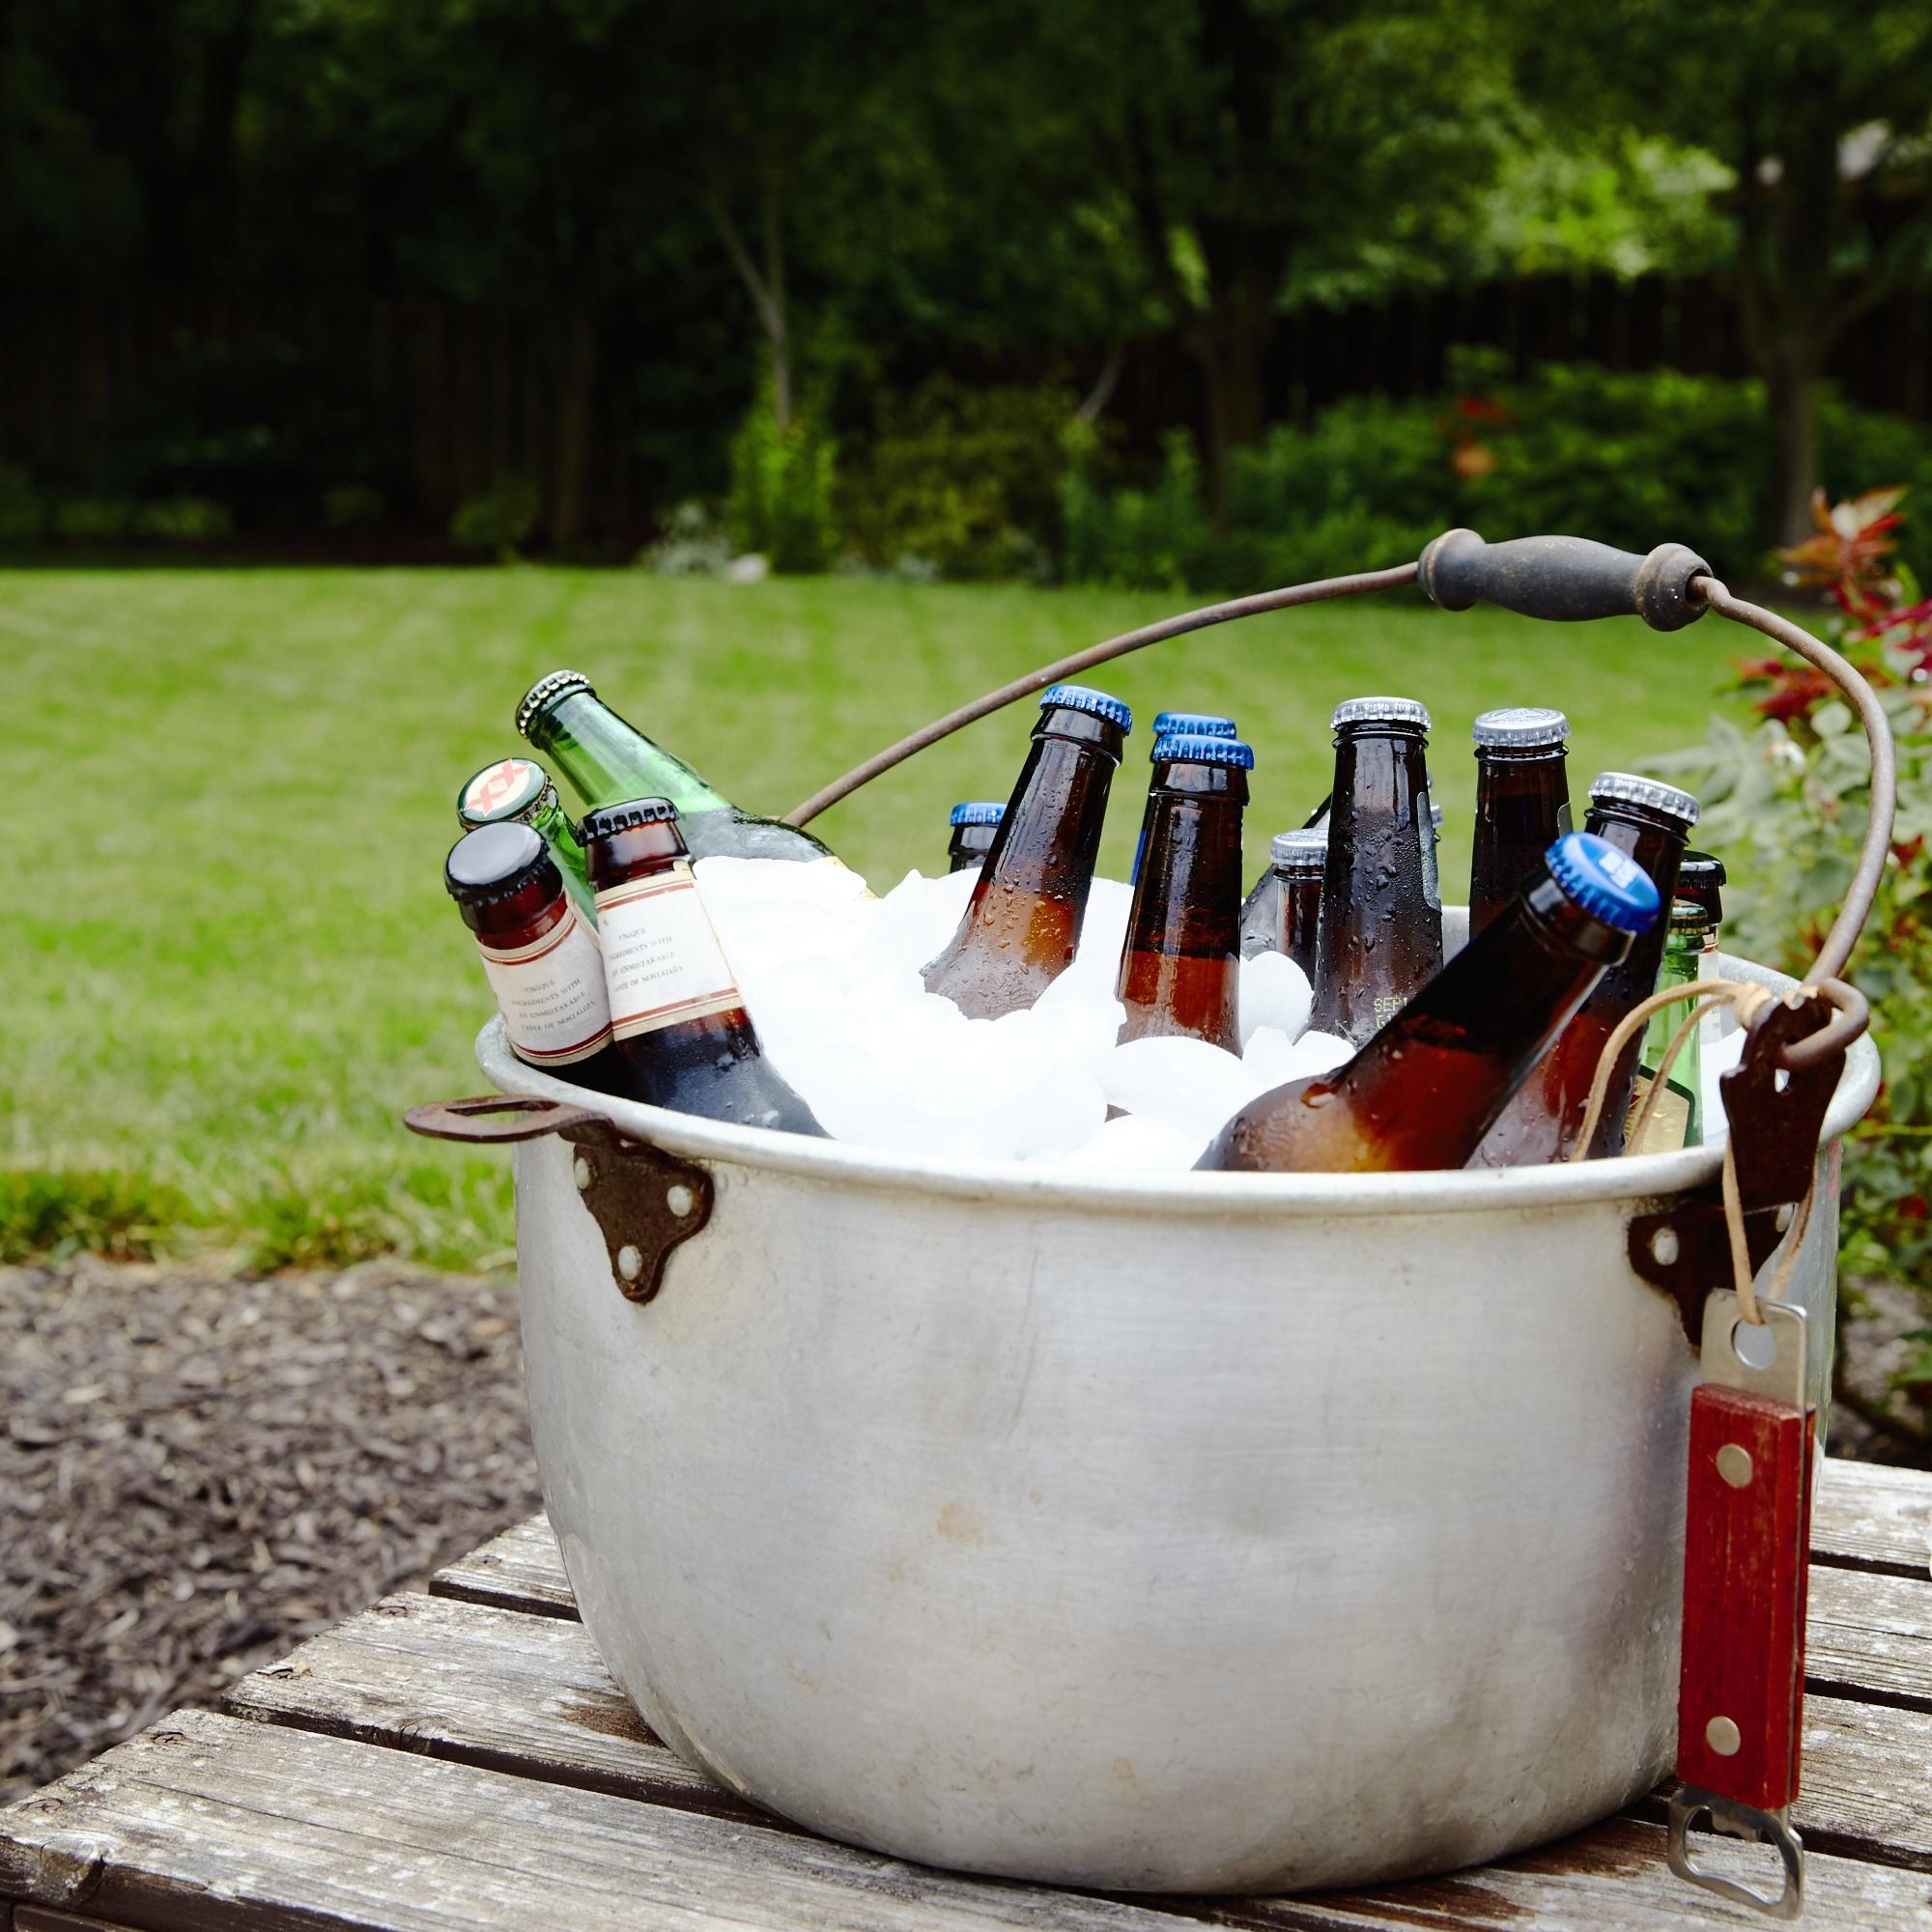 Beers in antique bucket